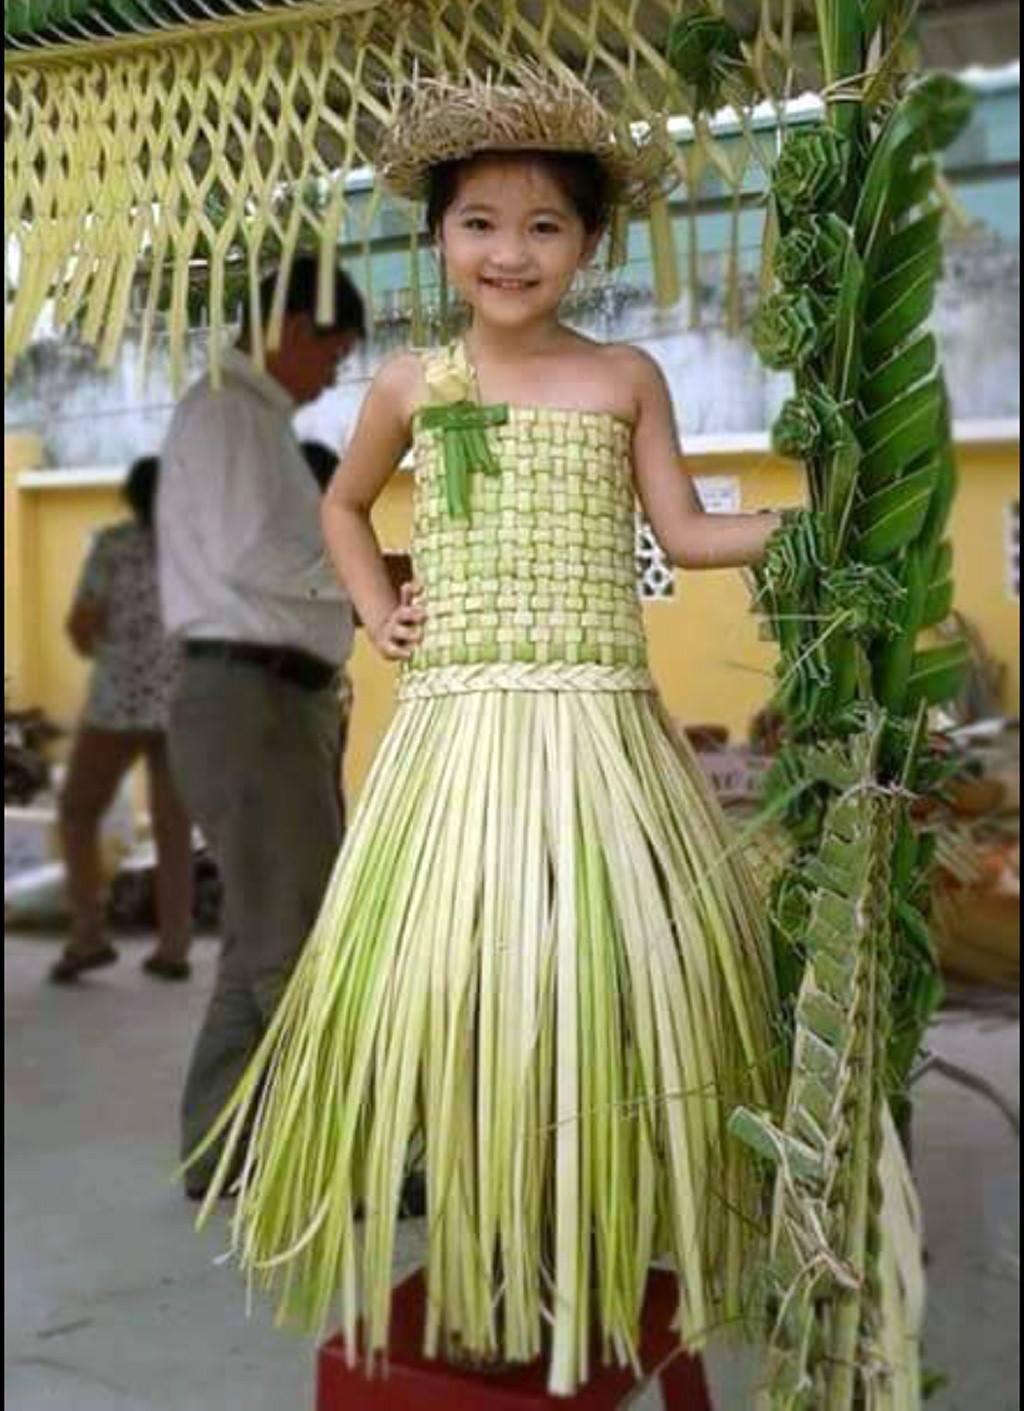 """13411831 1479778842048462 9111666991600628260 o Cổng cưới lá dừa Miền Tây """"mộc nhưng chất"""", hoành tráng không kém cổng hoa giả của đám cưới Việt"""